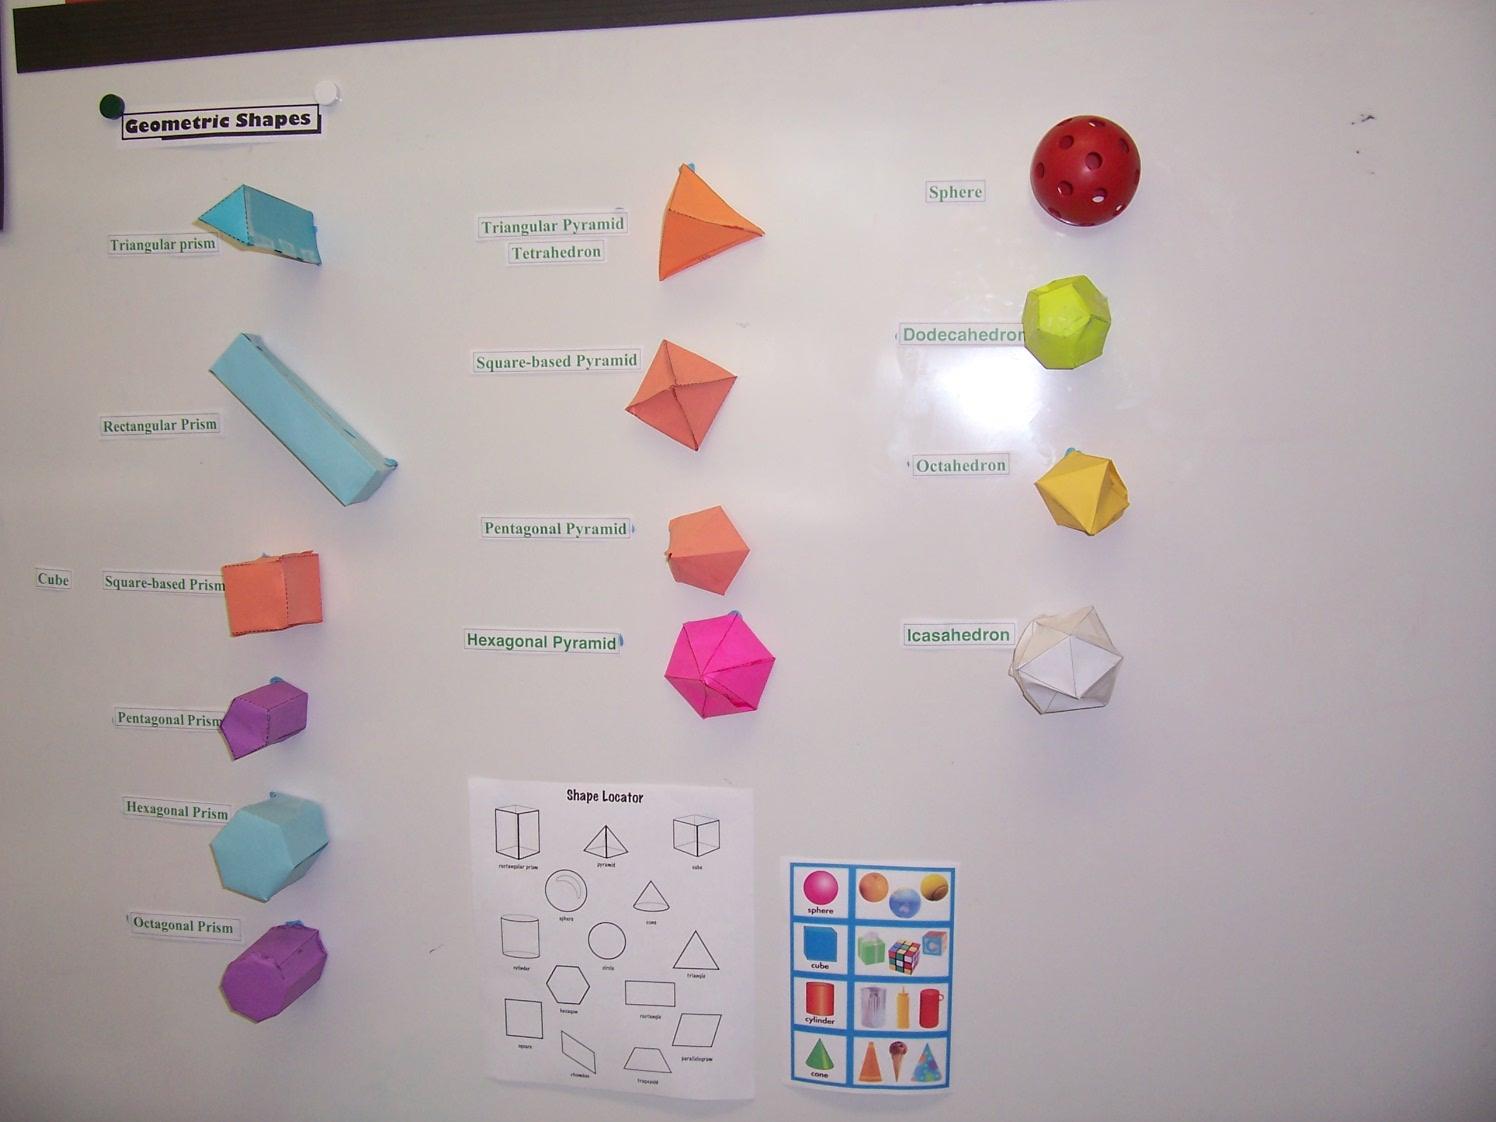 3d Shapes Worksheet For Grade 6 free printable math worksheets – Math 3d Shapes Worksheet